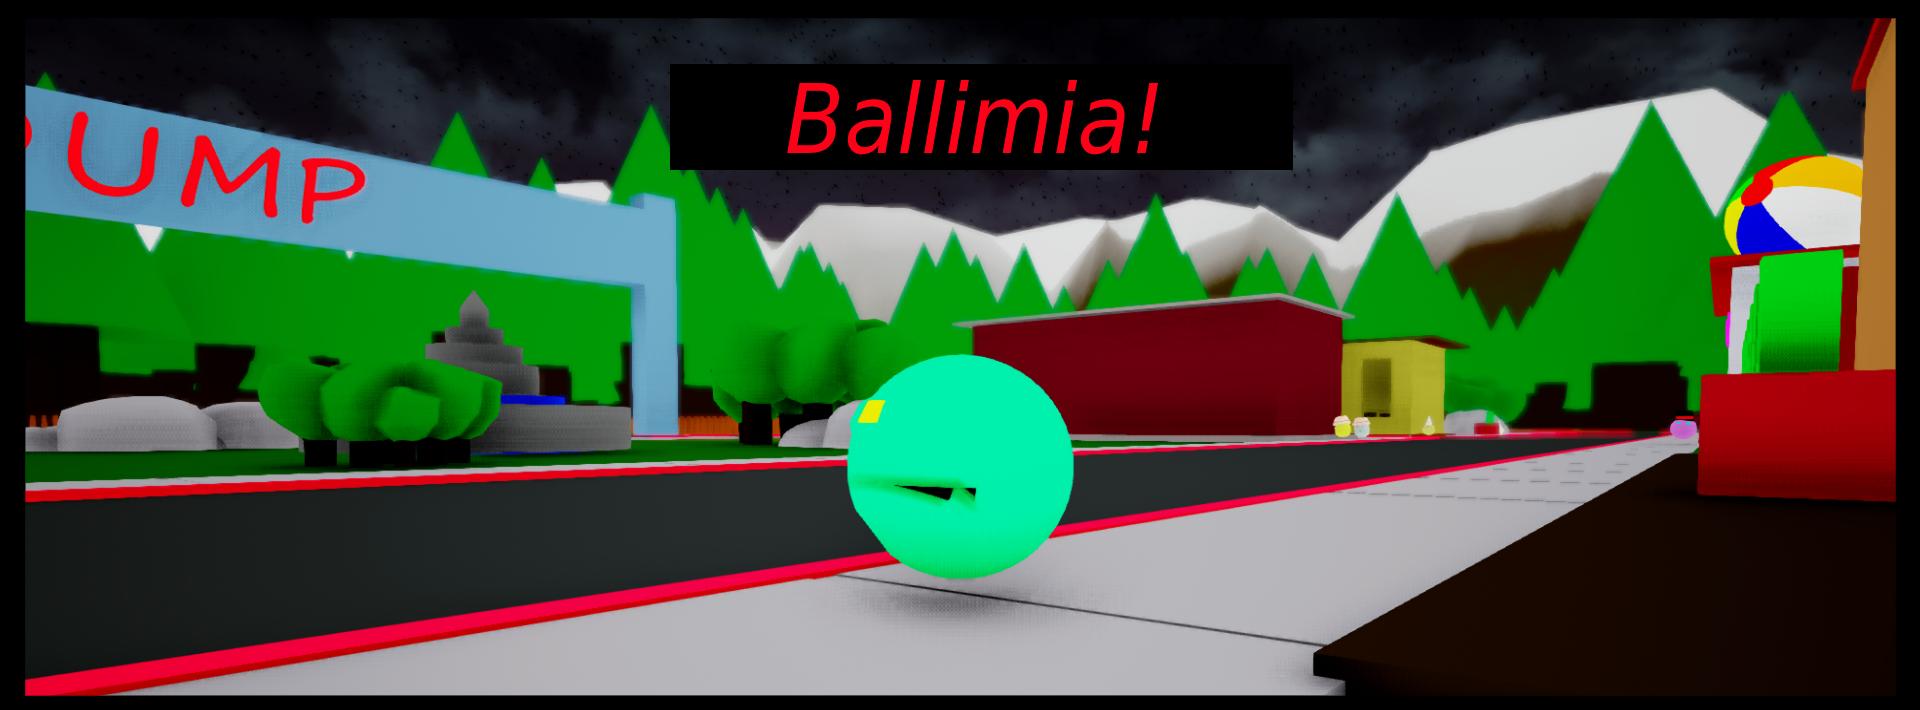 Ballimia!